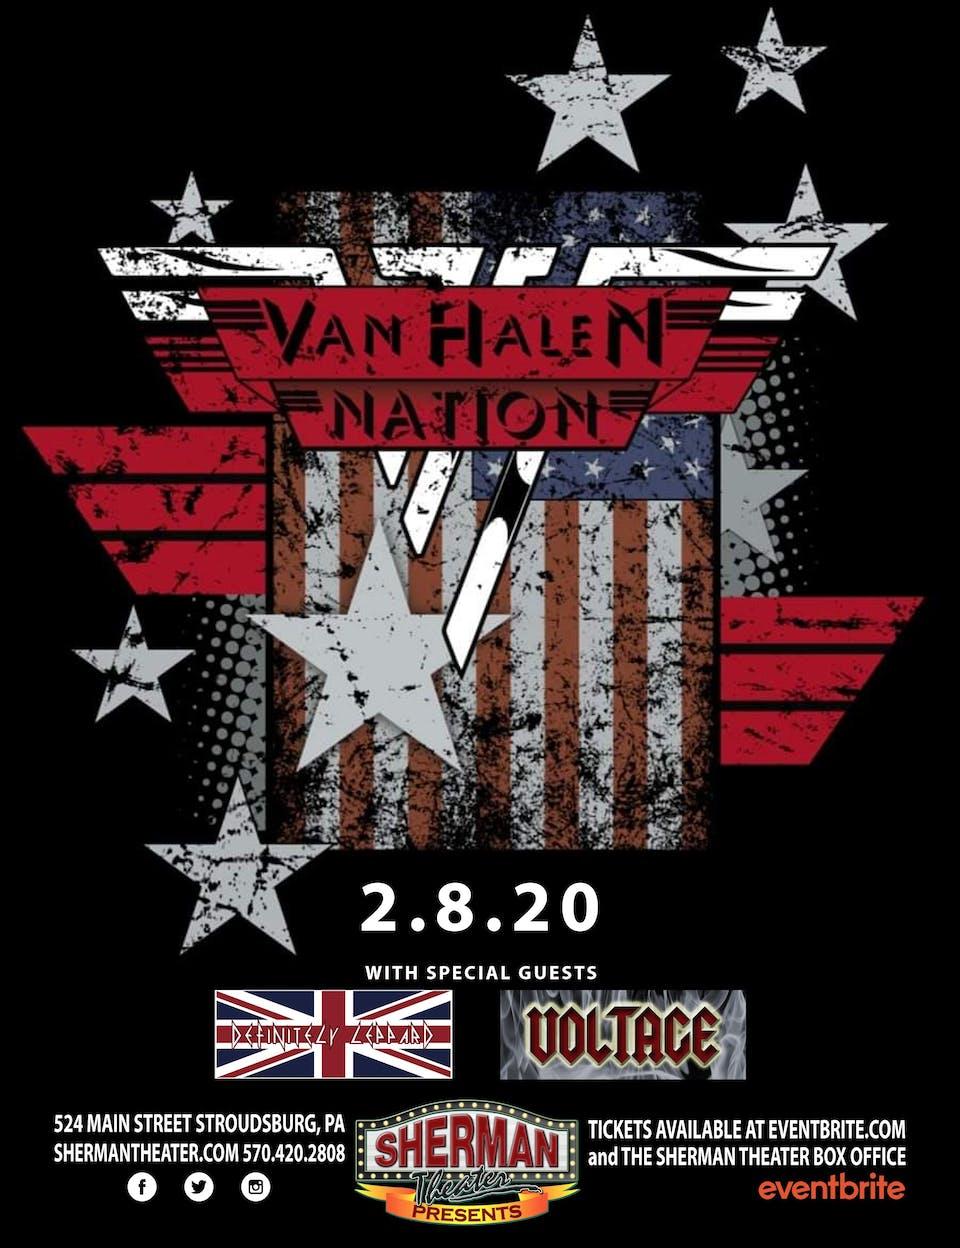 Van Halen Nation